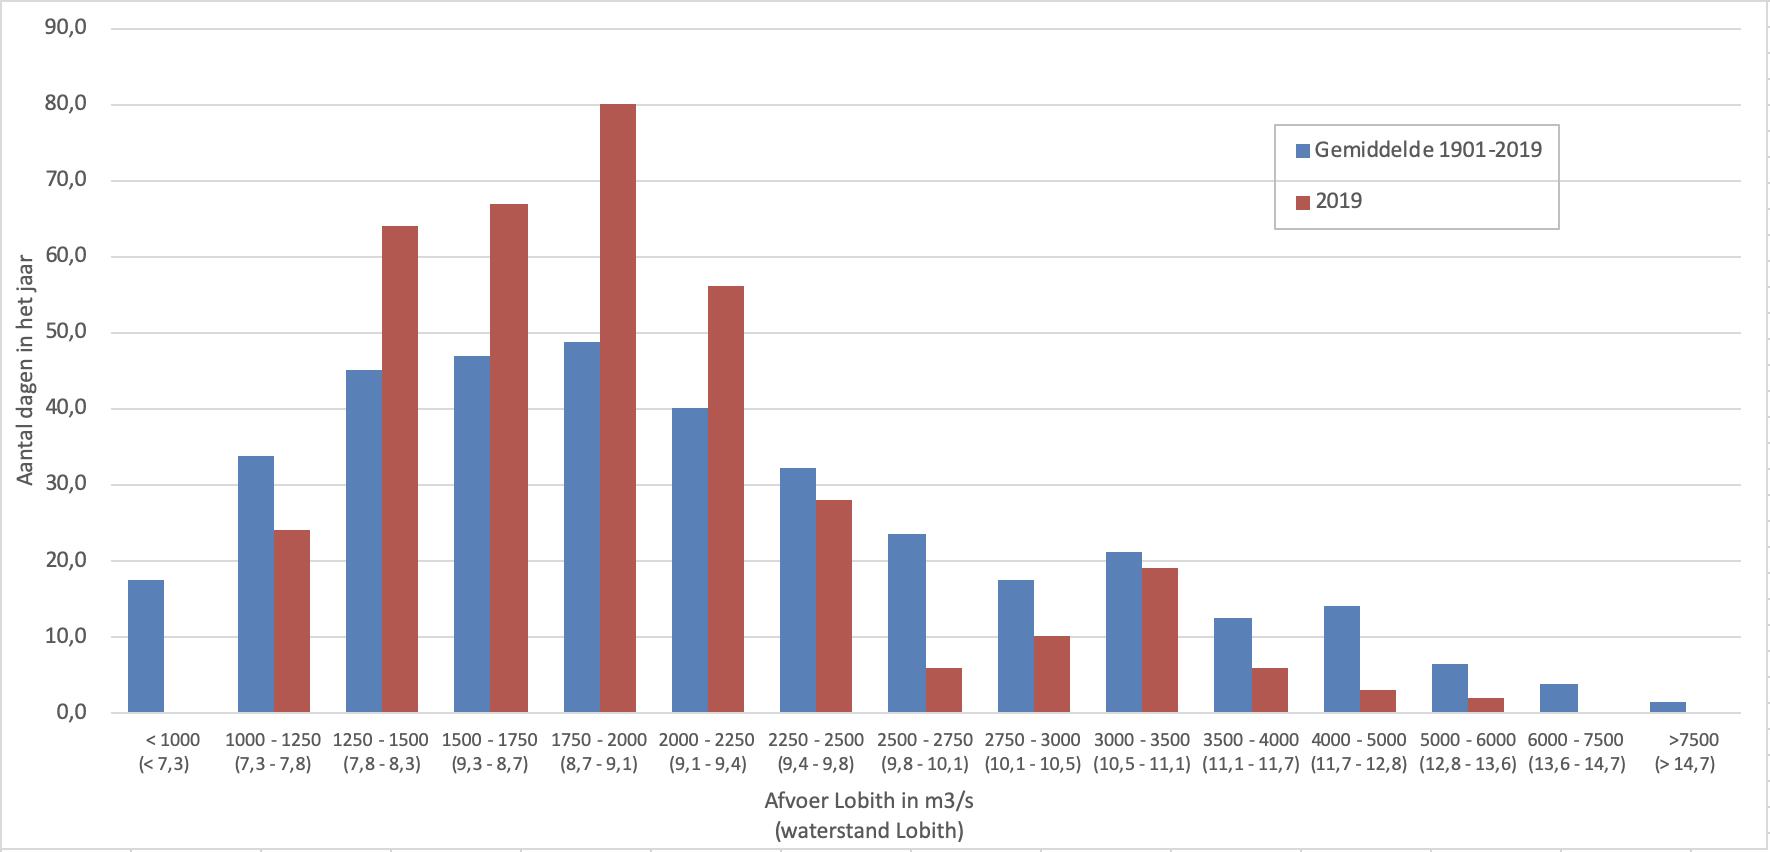 Afvoergegevens van 2019 gegroepeerd in categorieën van 250 m3/s (bij hogere afvoeren meer)